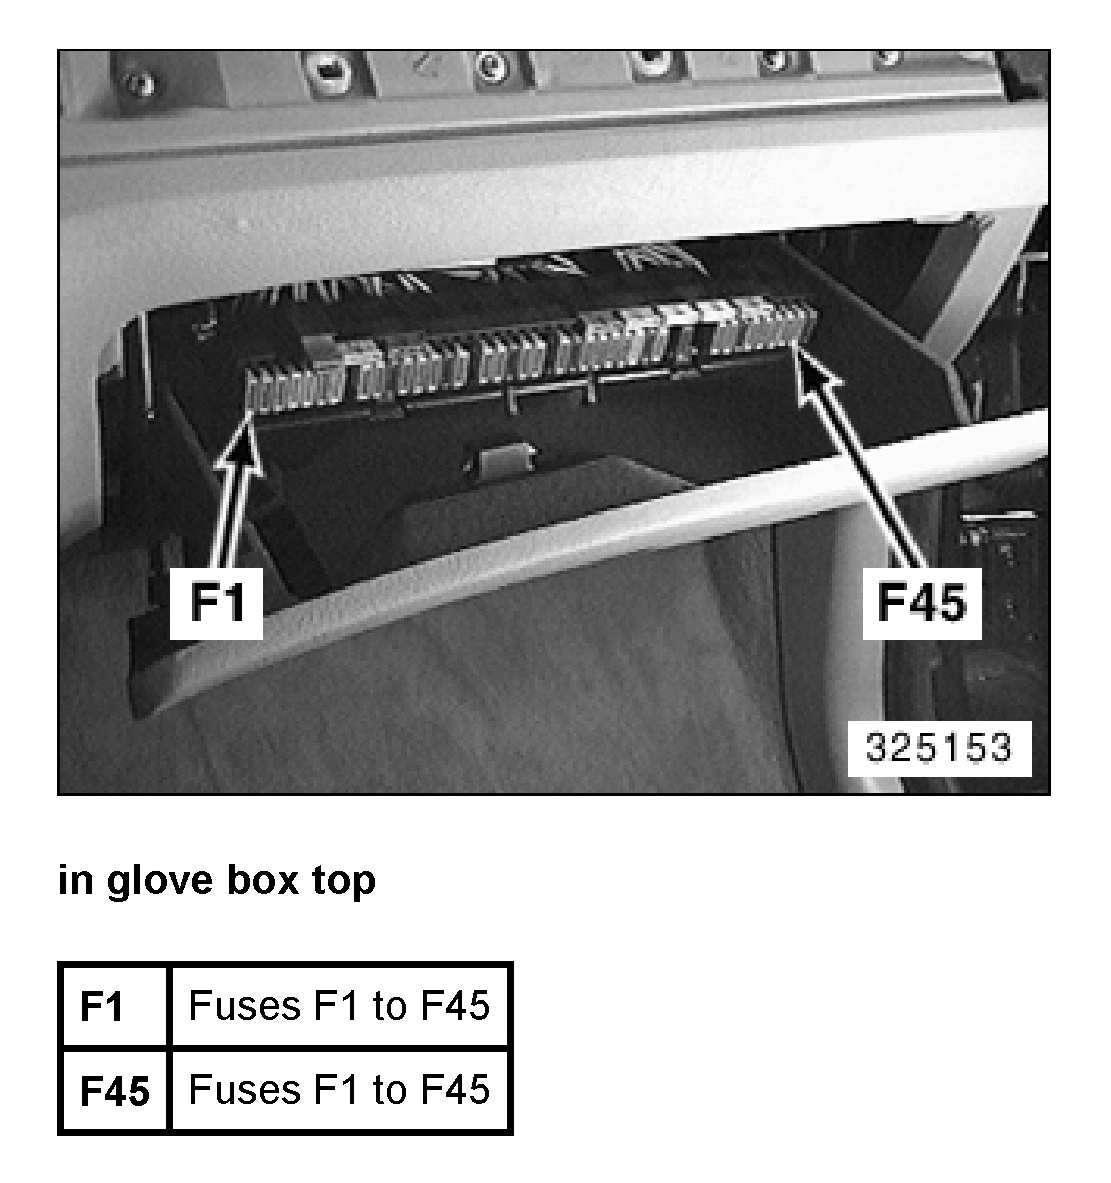 99 Bmw 528i Fuse Diagram - Wiring Diagram Dash Bmw I Fuse Box Diagrams on bmw x5 fuses, bmw 323i fuse diagram, bmw electrical diagrams, bmw fuse symbols, lexus rx330 fuse box diagrams, bmw 530i fuse diagram, bmw e46 fuse diagram, ford granada fuse box diagrams, bmw x3 fuse diagram, bmw e70 fuse diagram, bmw fuse panel diagram, subaru electrical diagrams, bmw 528i fuse diagram,